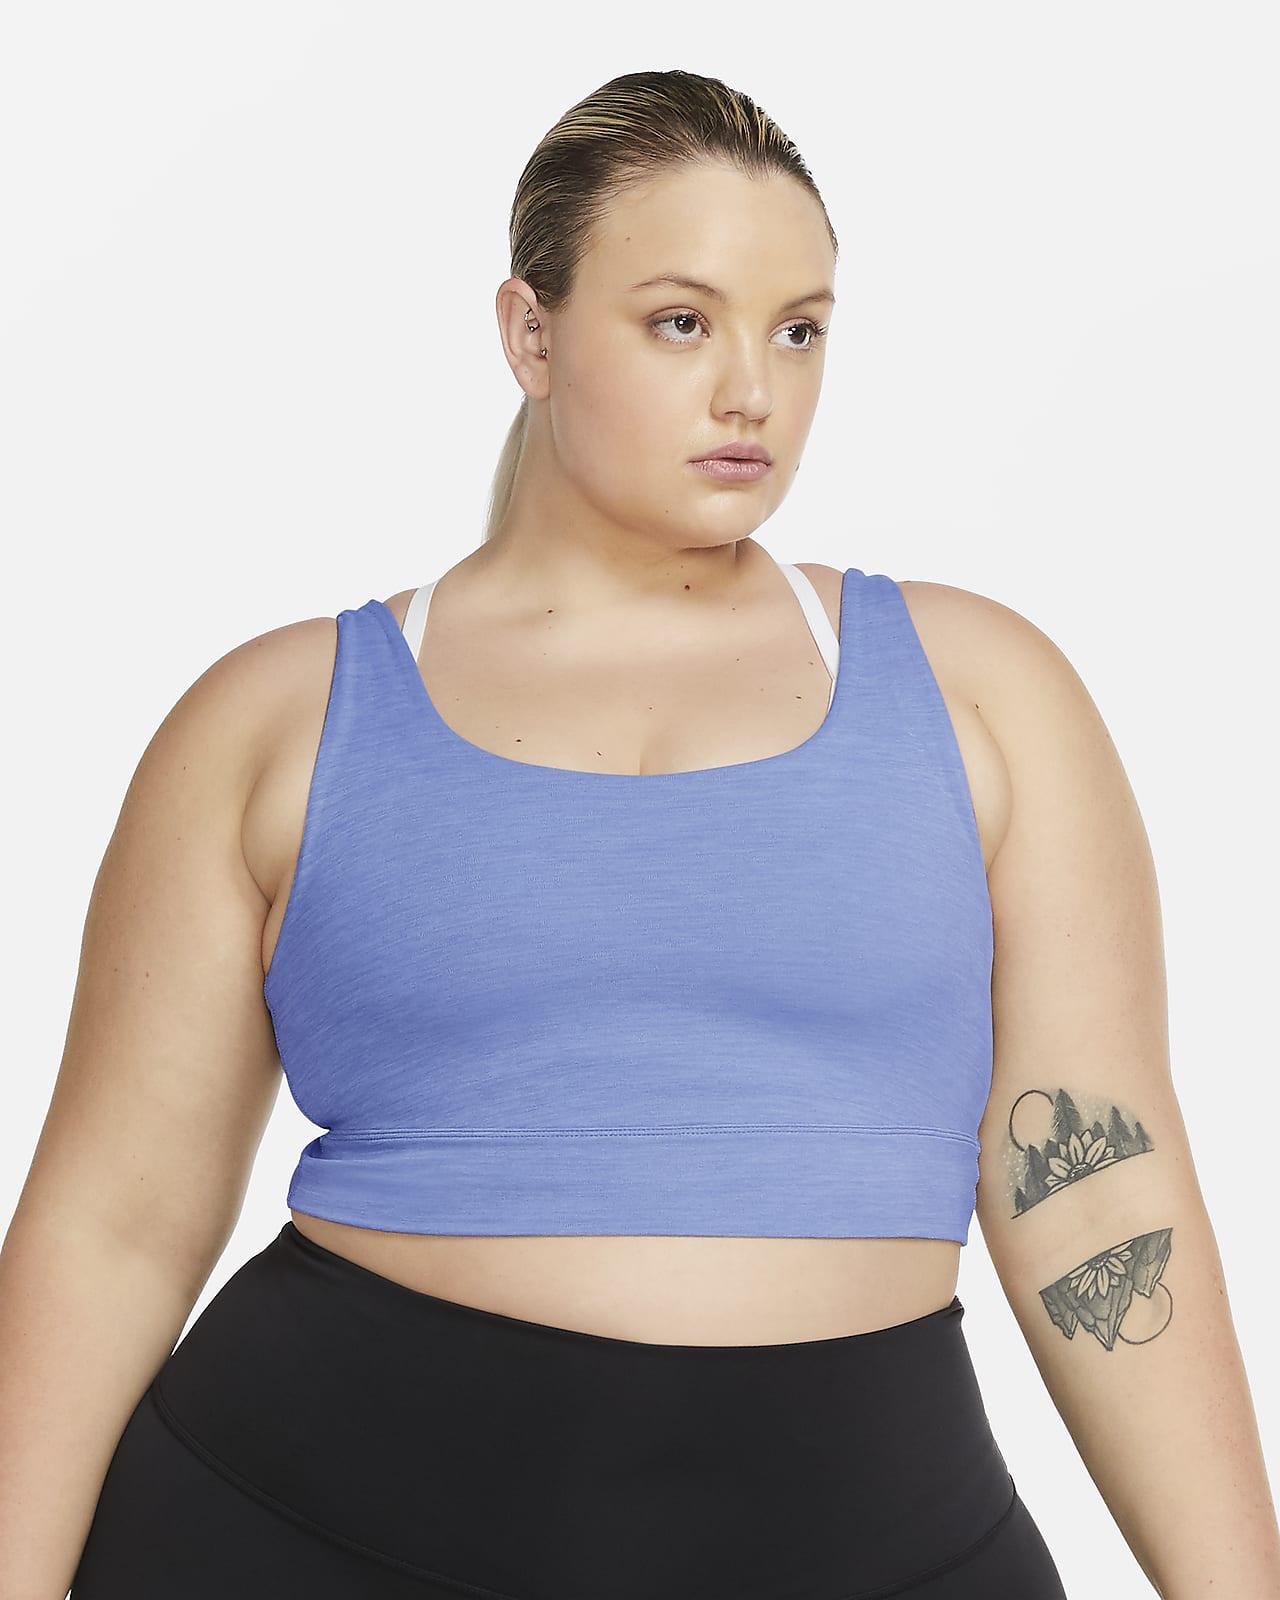 Camiseta de tirantes corta para mujer de Infinalon Nike Yoga Luxe (talla grande)